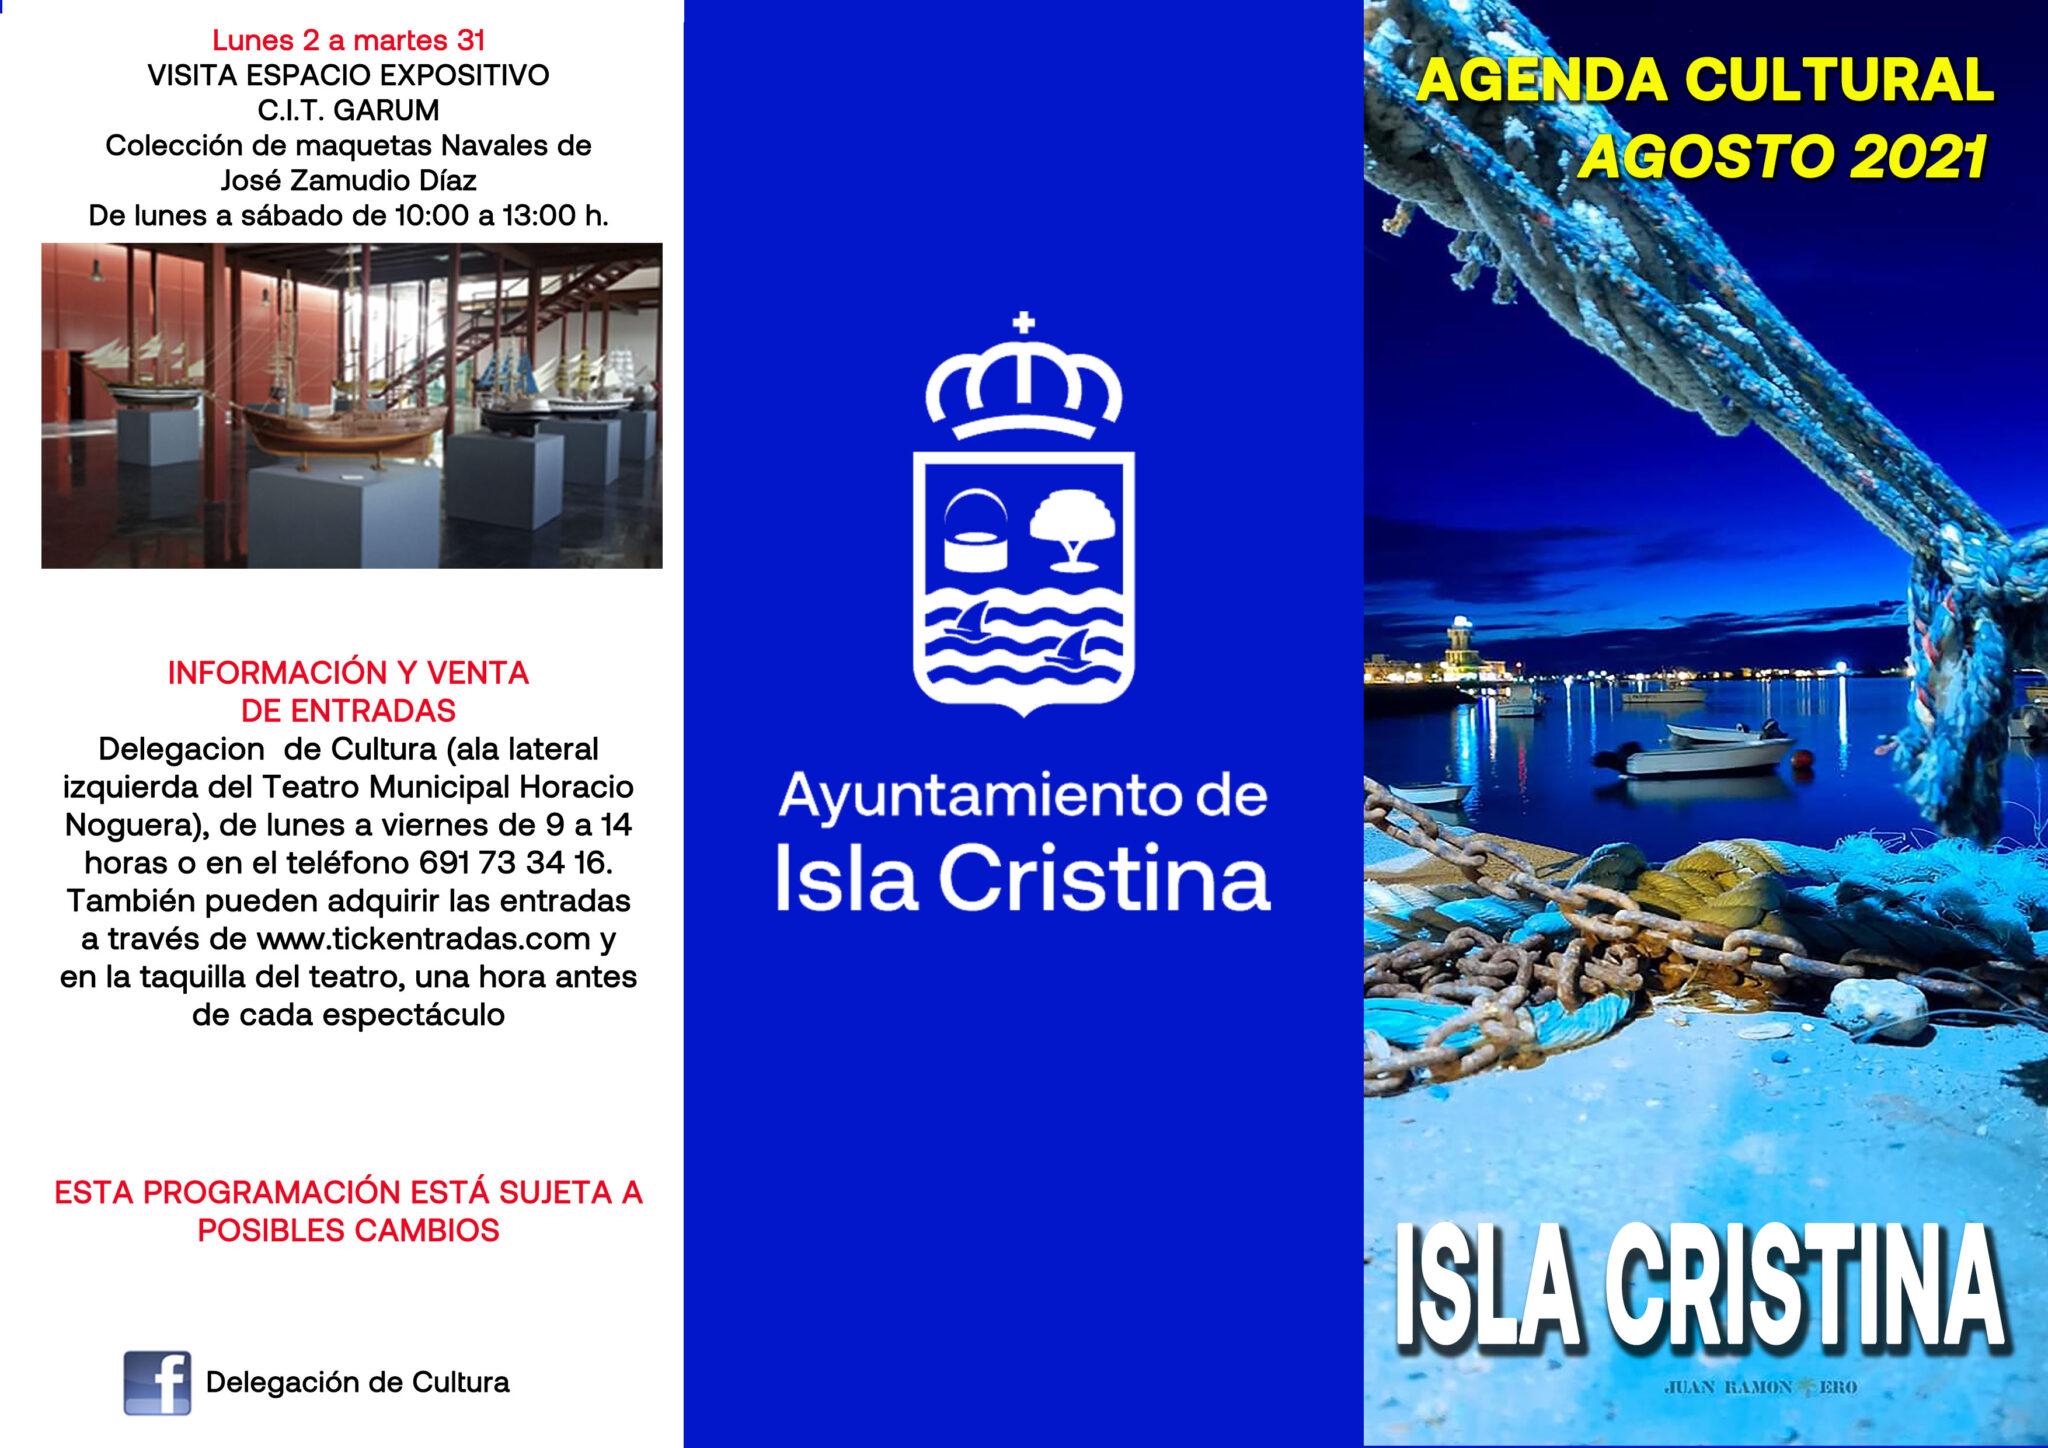 Isla Cristina: Agenda Cultural Agosto 2021